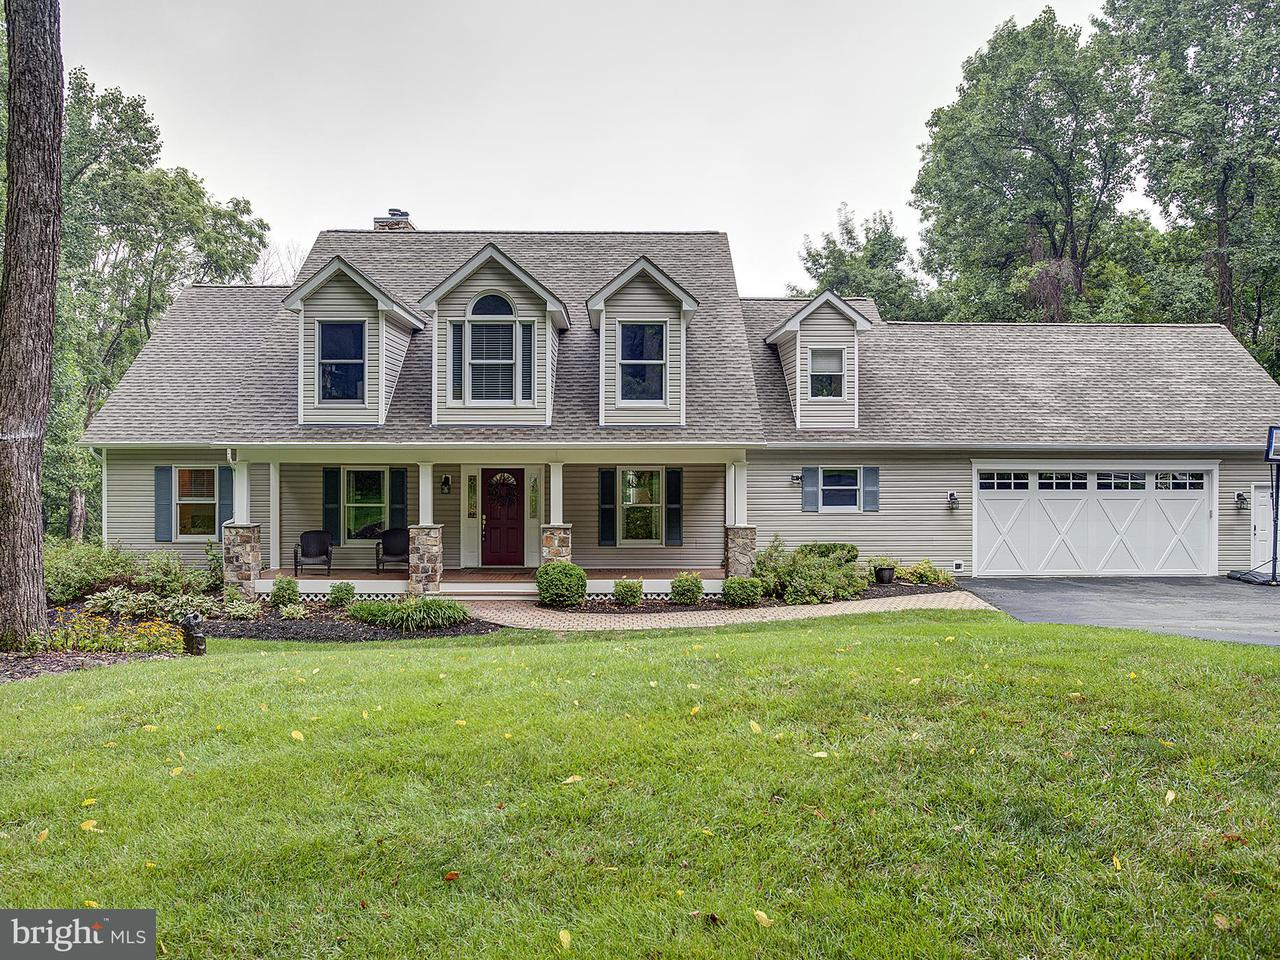 단독 가정 주택 용 매매 에 34930 VANCOFF Lane 34930 VANCOFF Lane Round Hill, 버지니아 20141 미국